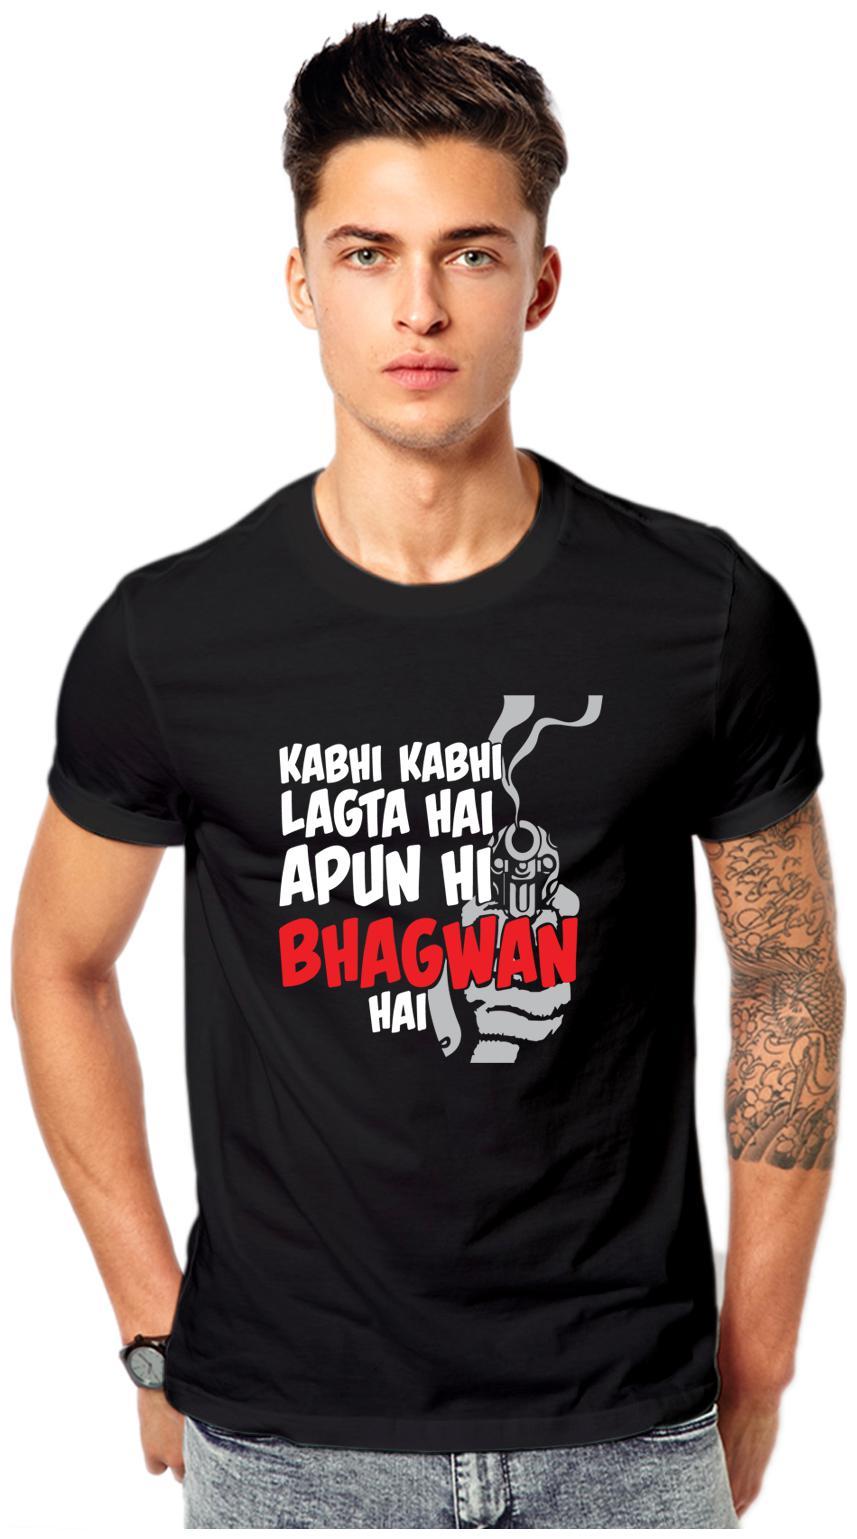 Kabhi kabhi lagta apun he bhagwan hai web series sacred games t-shirts